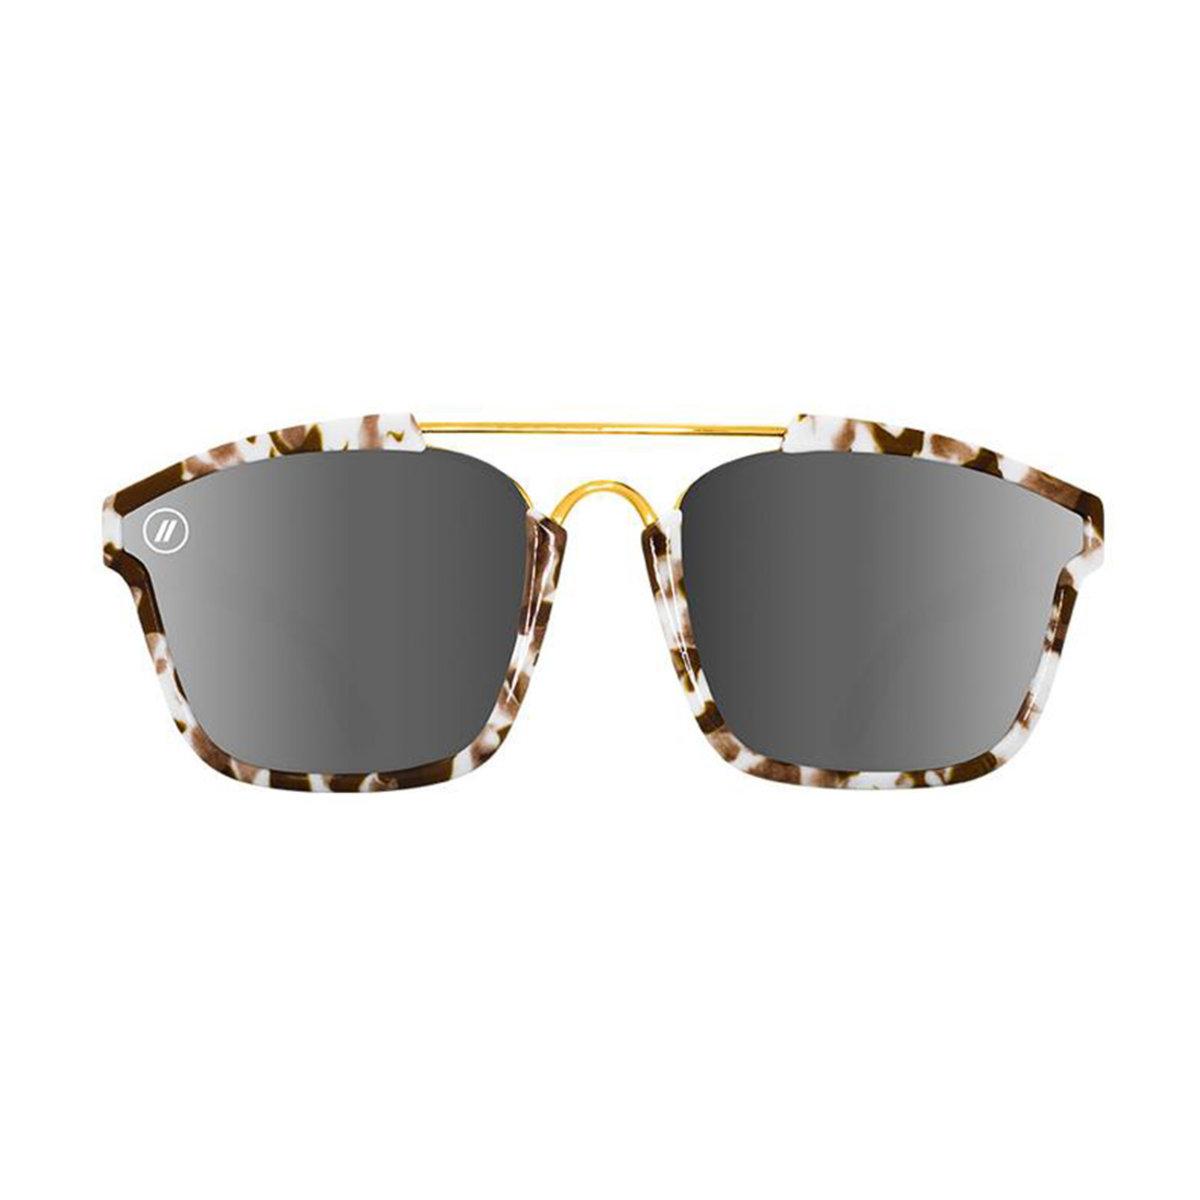 36aec737773f Blenders Eyewear